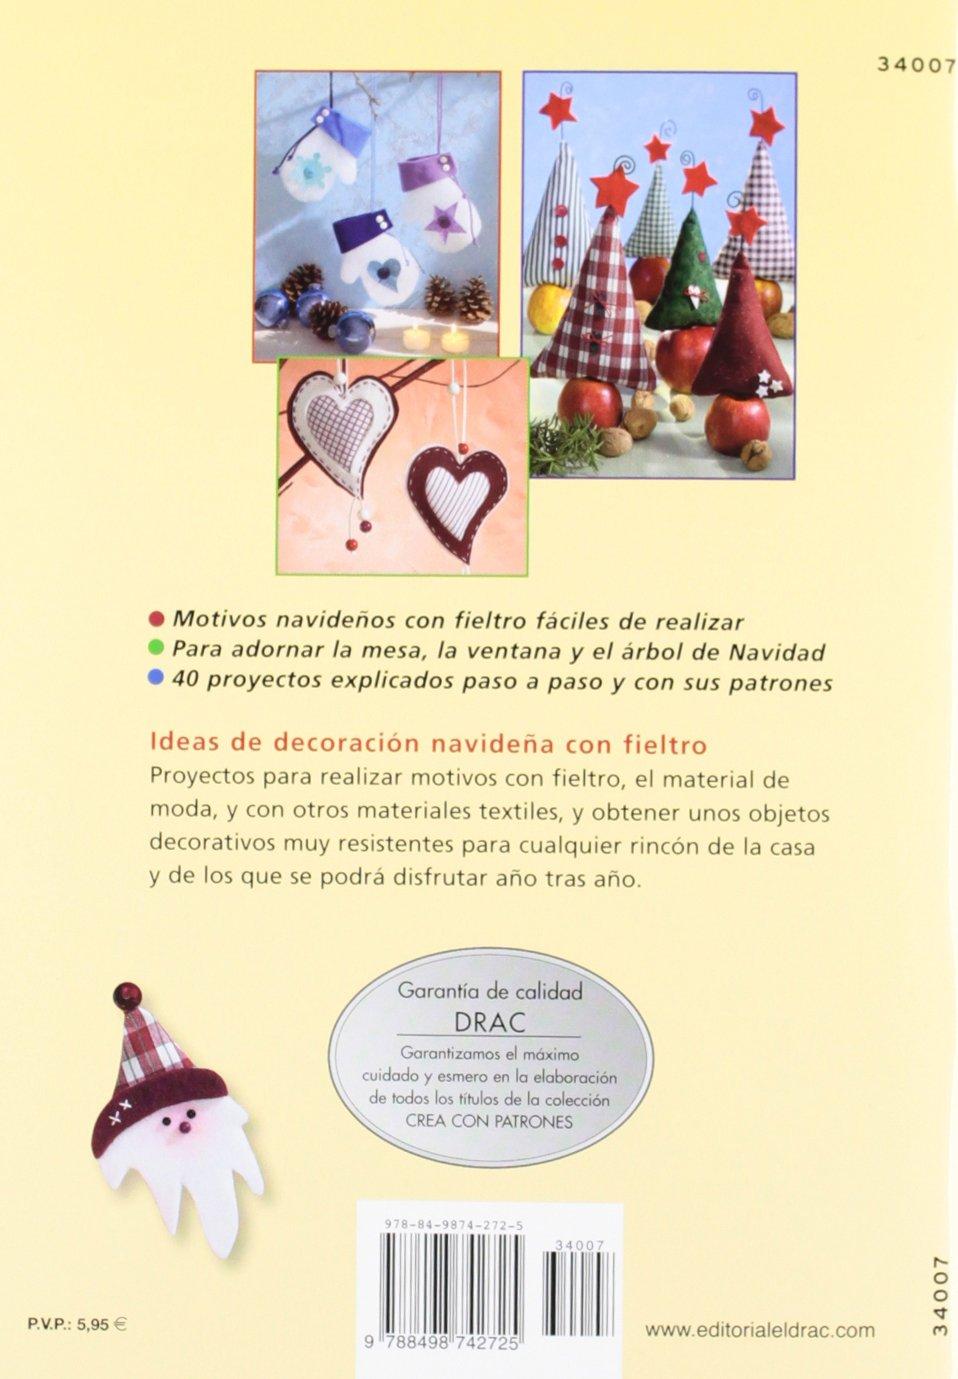 Comprar online manuales decoraciones fieltro Navidad con patrones 2